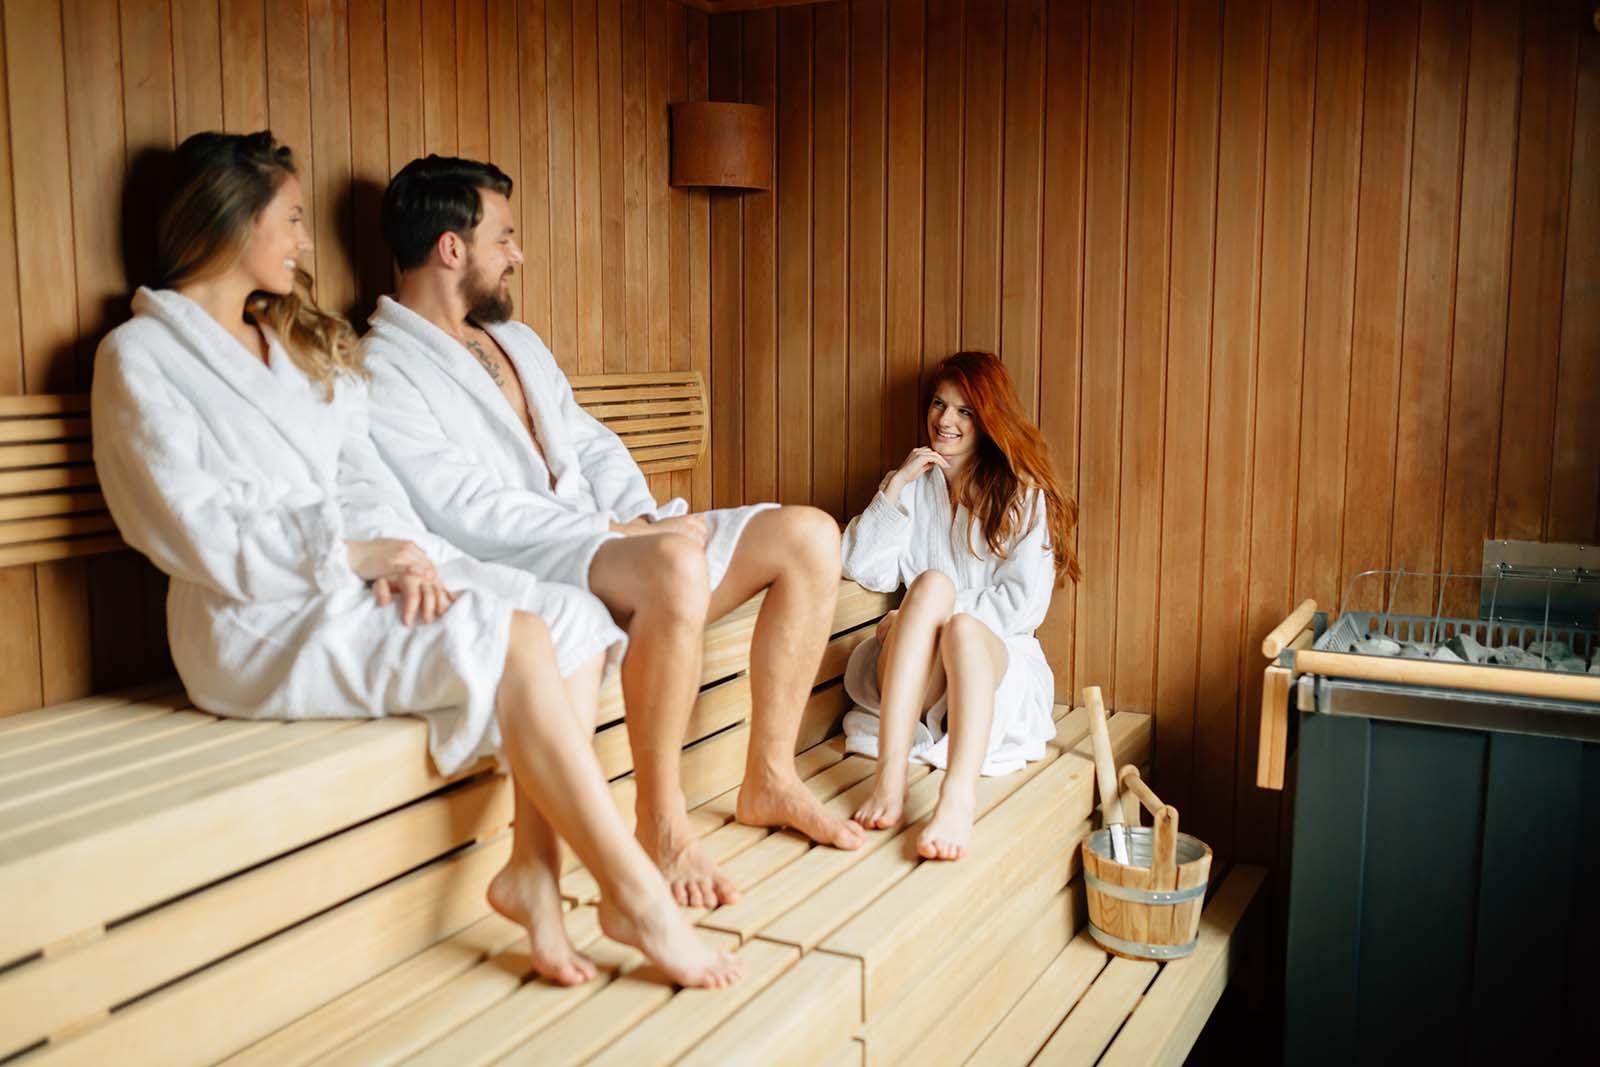 Het waarom-daarom in de sauna